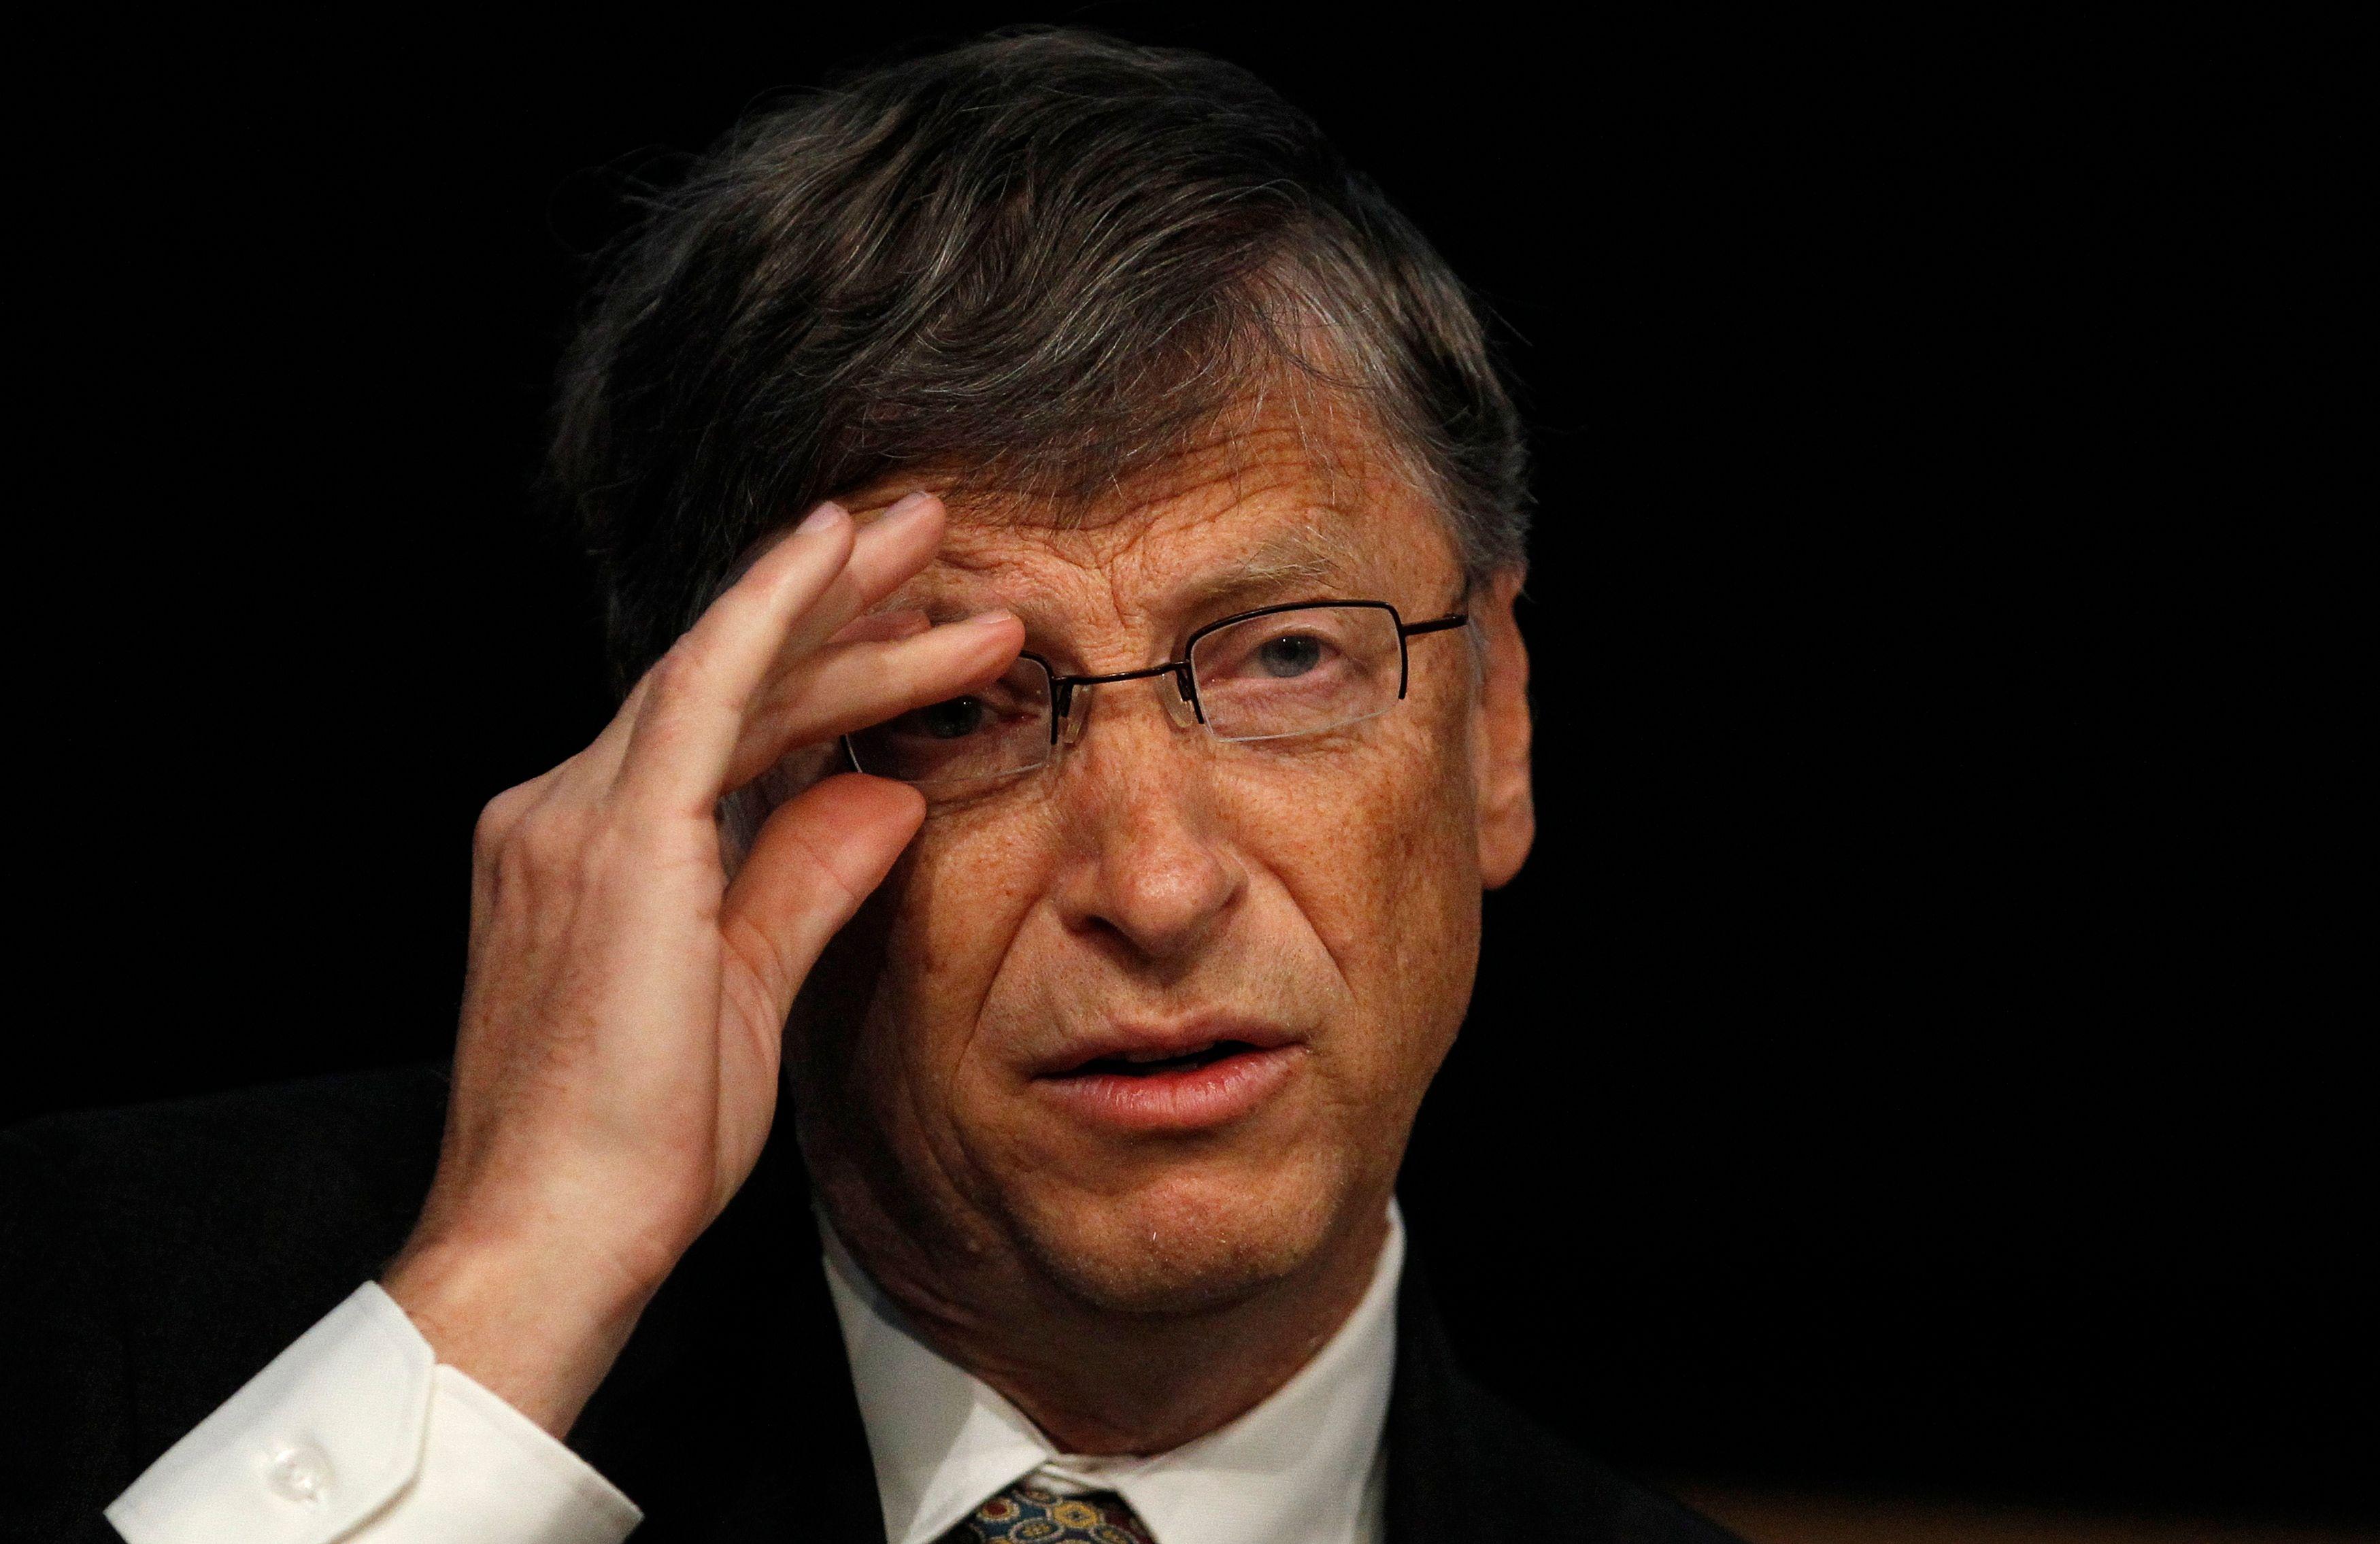 Bill Gates est de nouveau l'homme le plus riche du monde